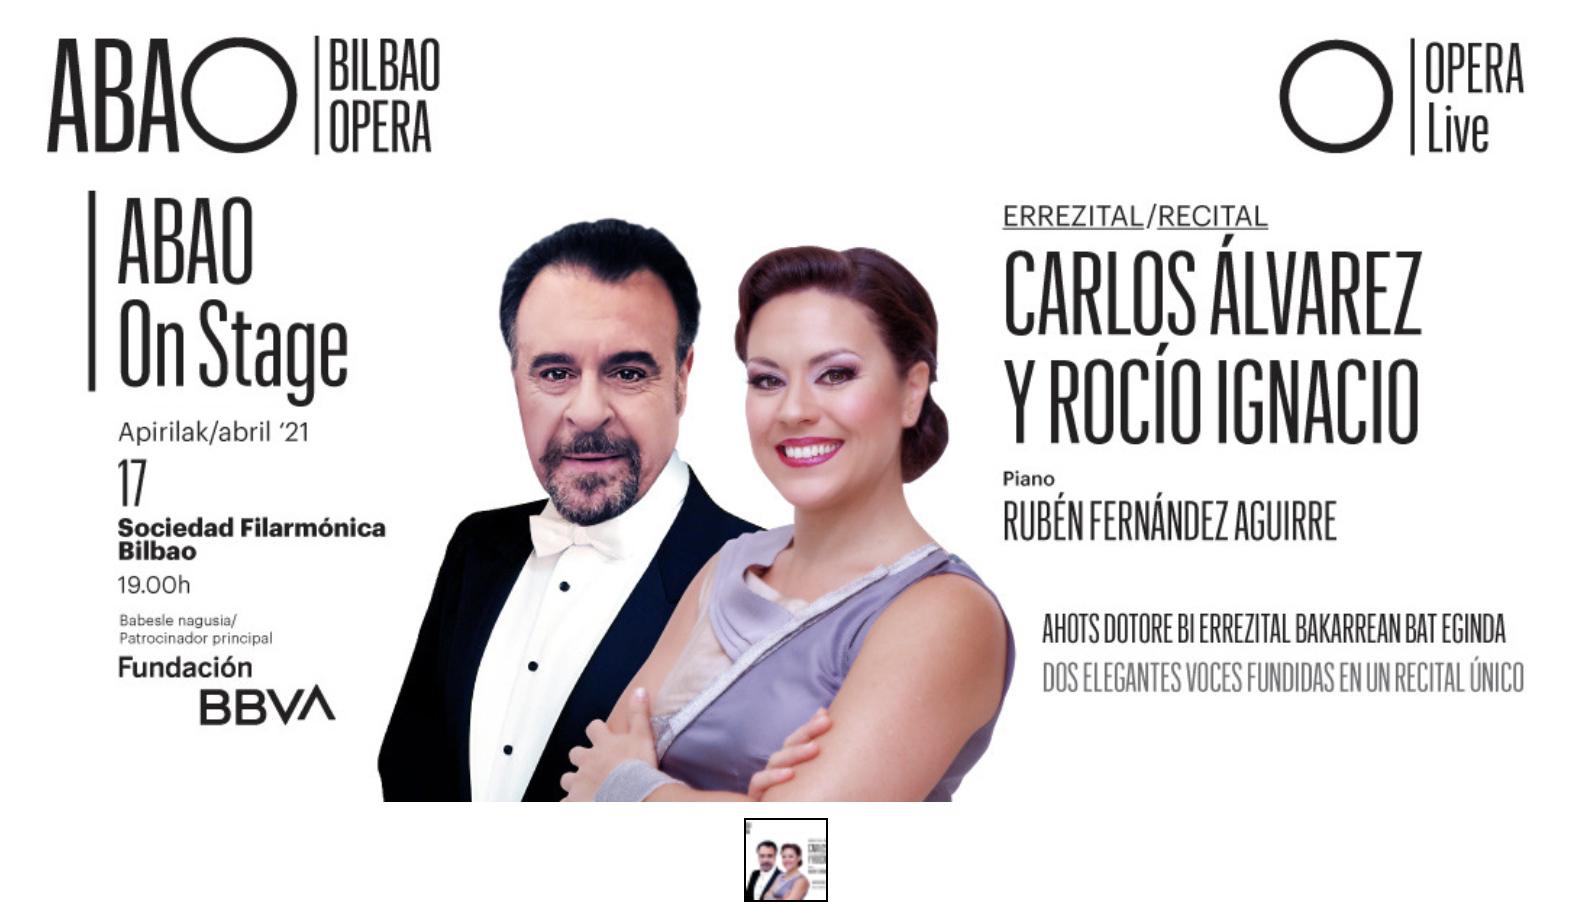 Carlos Álvarez y Rocío Ignacio continúan el ciclo ABAO On Stage